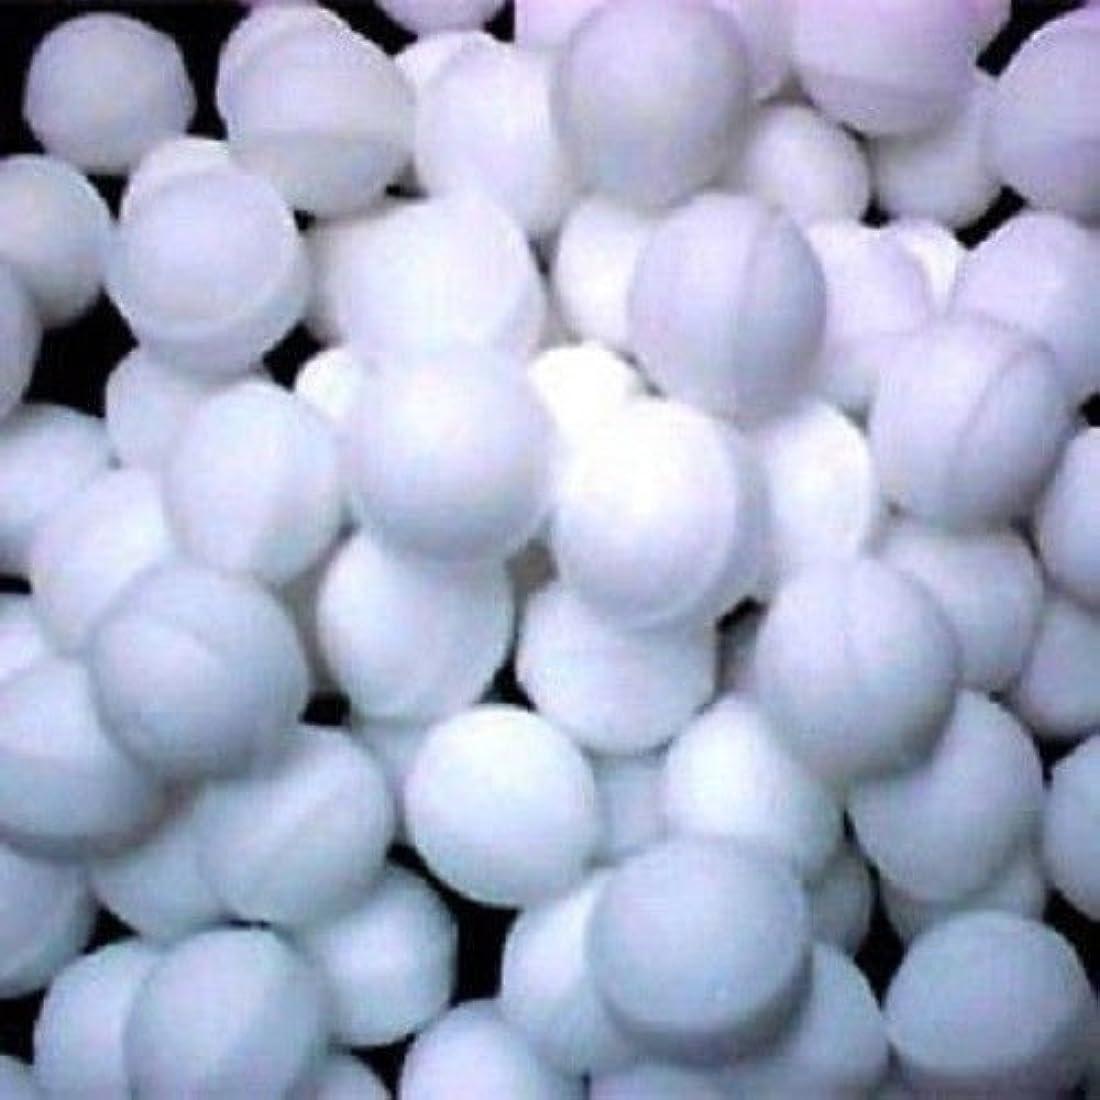 バラ色ボード可動Naphthalene Balls, Moth Balls,snow White,toilets,cupboards,books,cloth Mothballs- 50 Balls 100g Pack by Eagle...